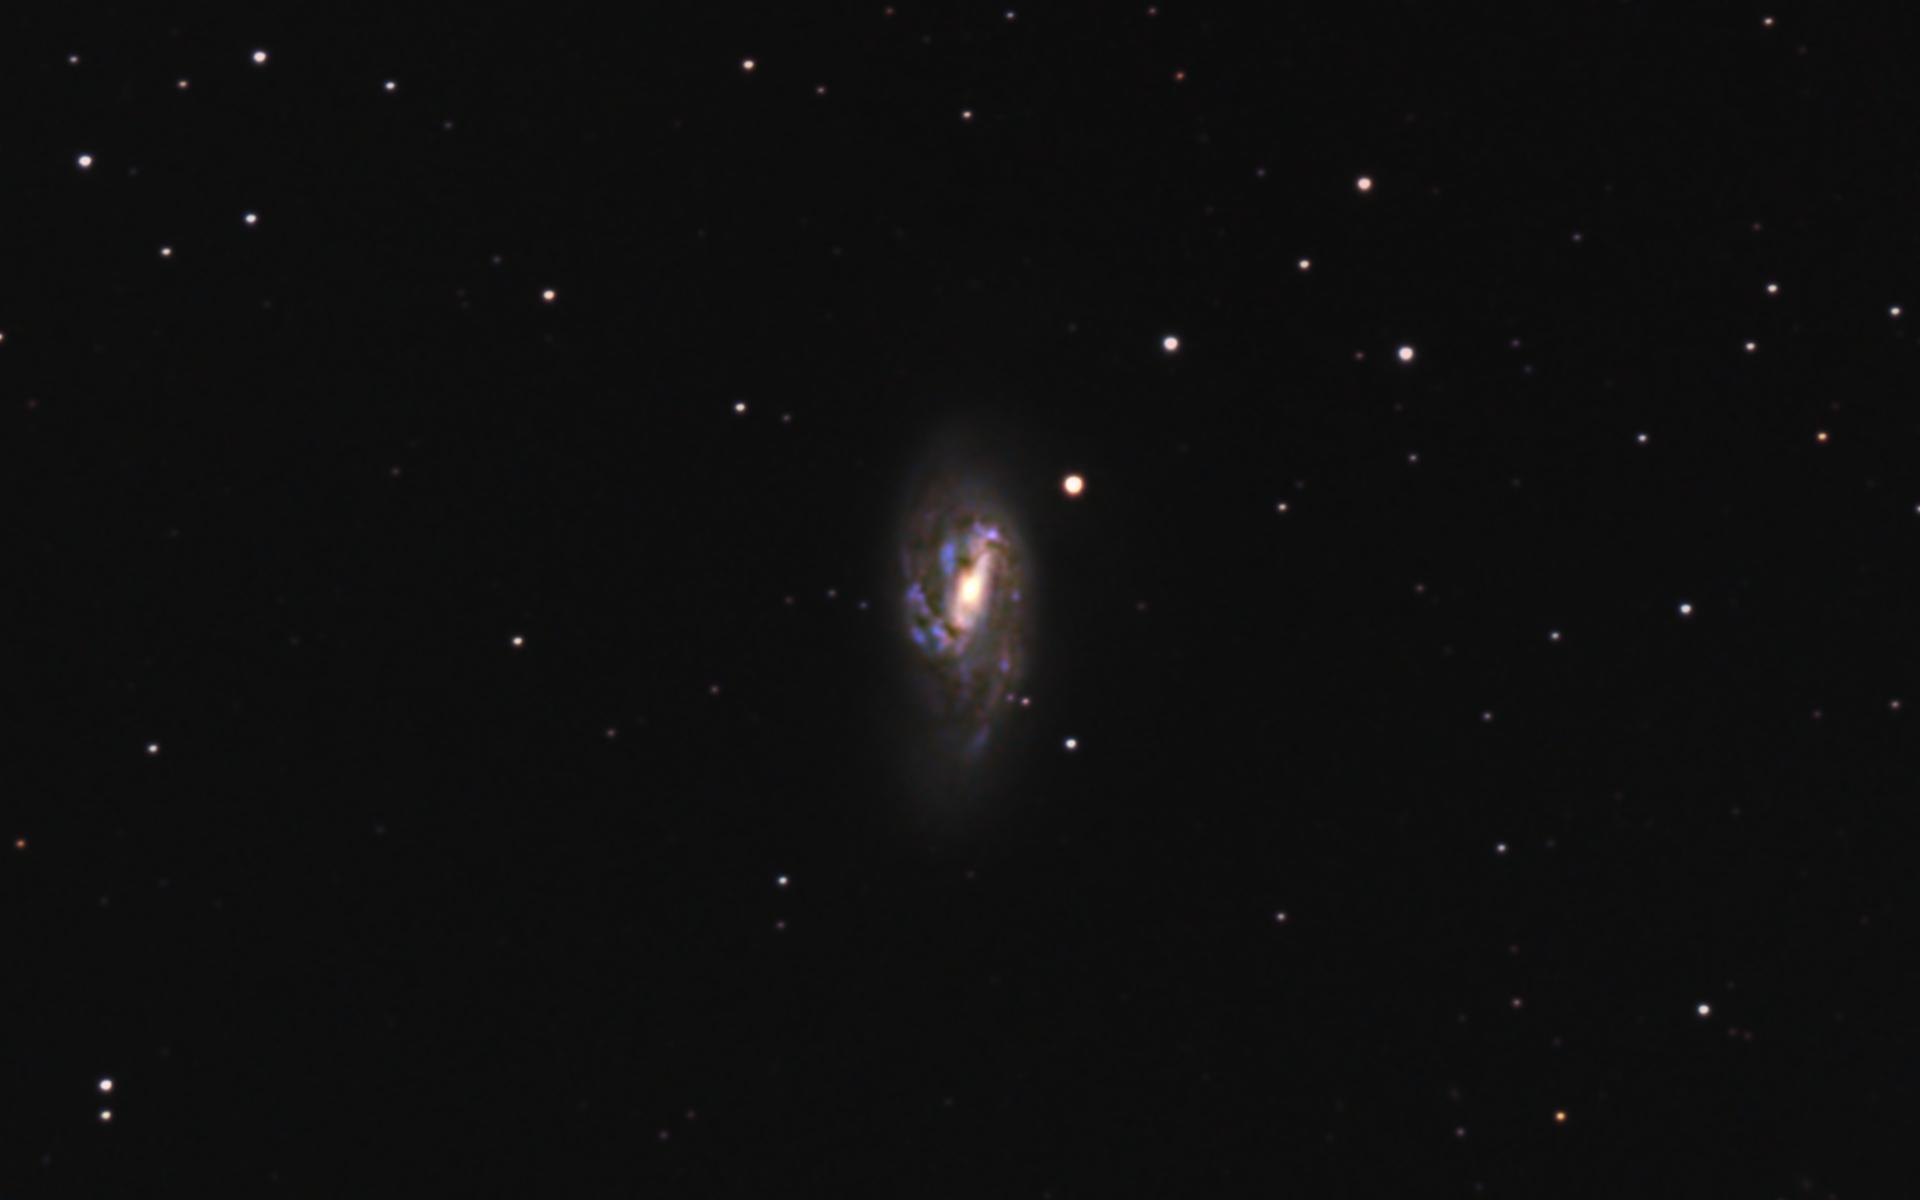 口径15.2cm反射望遠鏡(LXD-55)/F5/PENTAX-KP/ISO25600/ダーク減算なし/ソフトビニングフラット補正/リアレゾOFF/露出30秒×114枚を加算平均コンポジットした2018年04月18日21時07分51秒から撮影したM66のメシエ天体写真です。